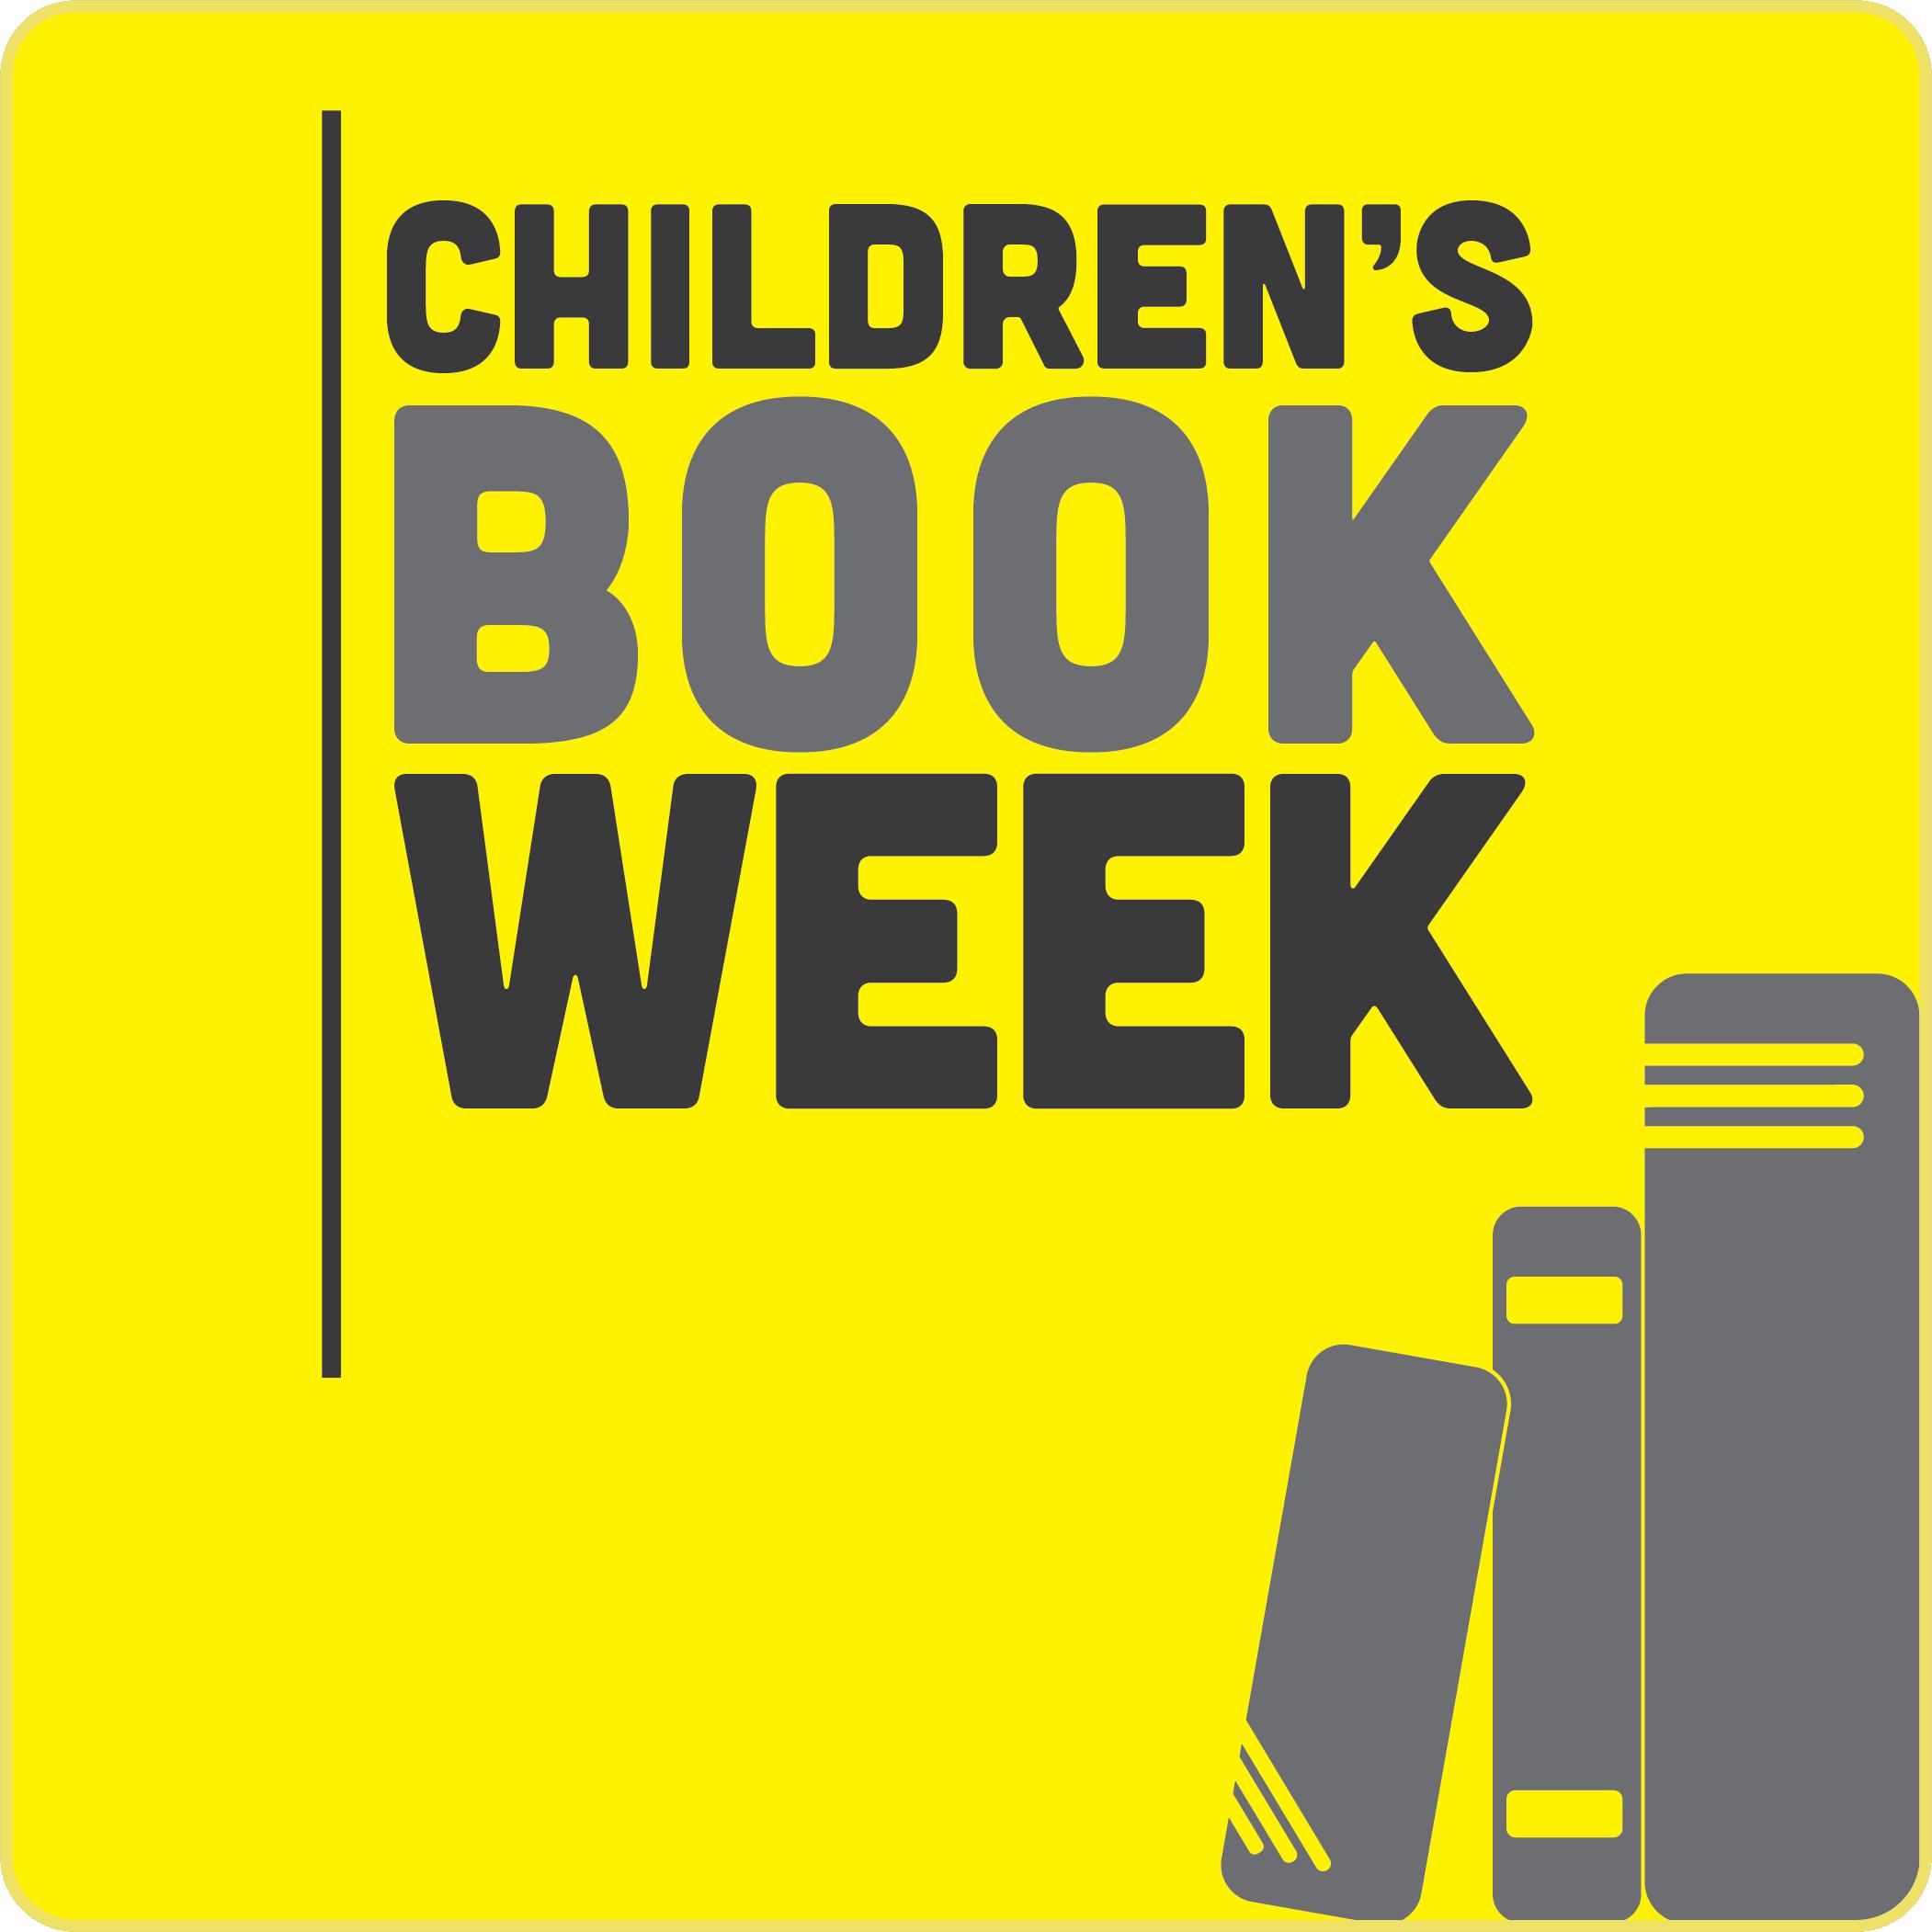 Children's Book Week logo